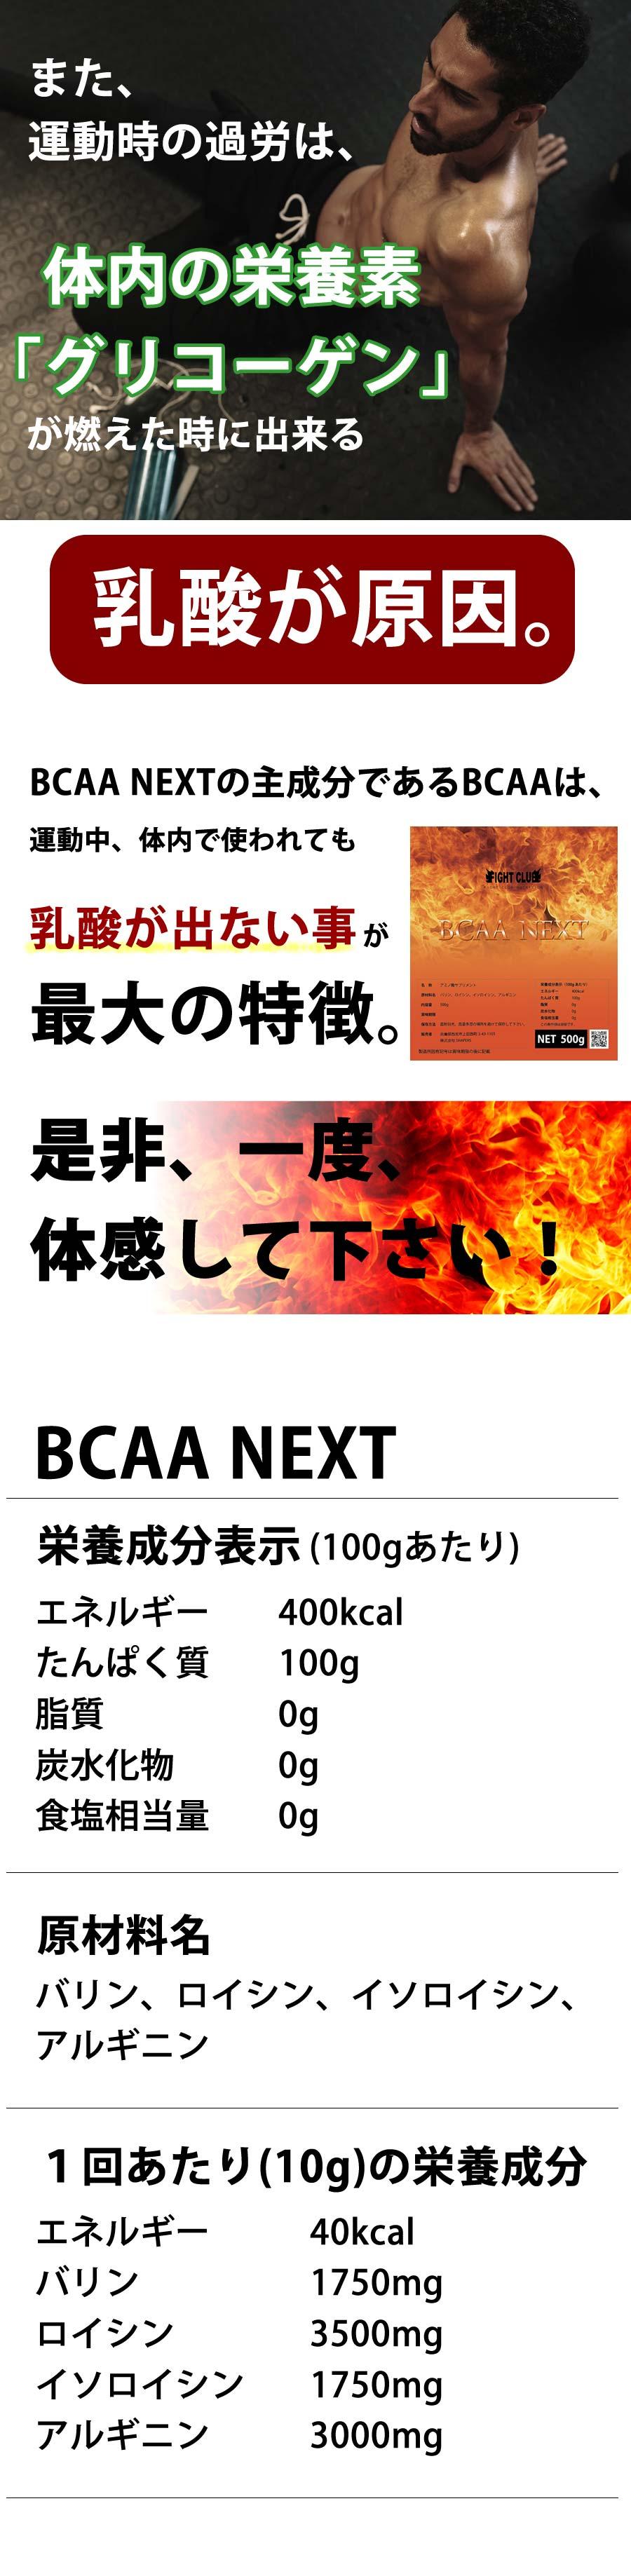 BCAA-NEXT説明3